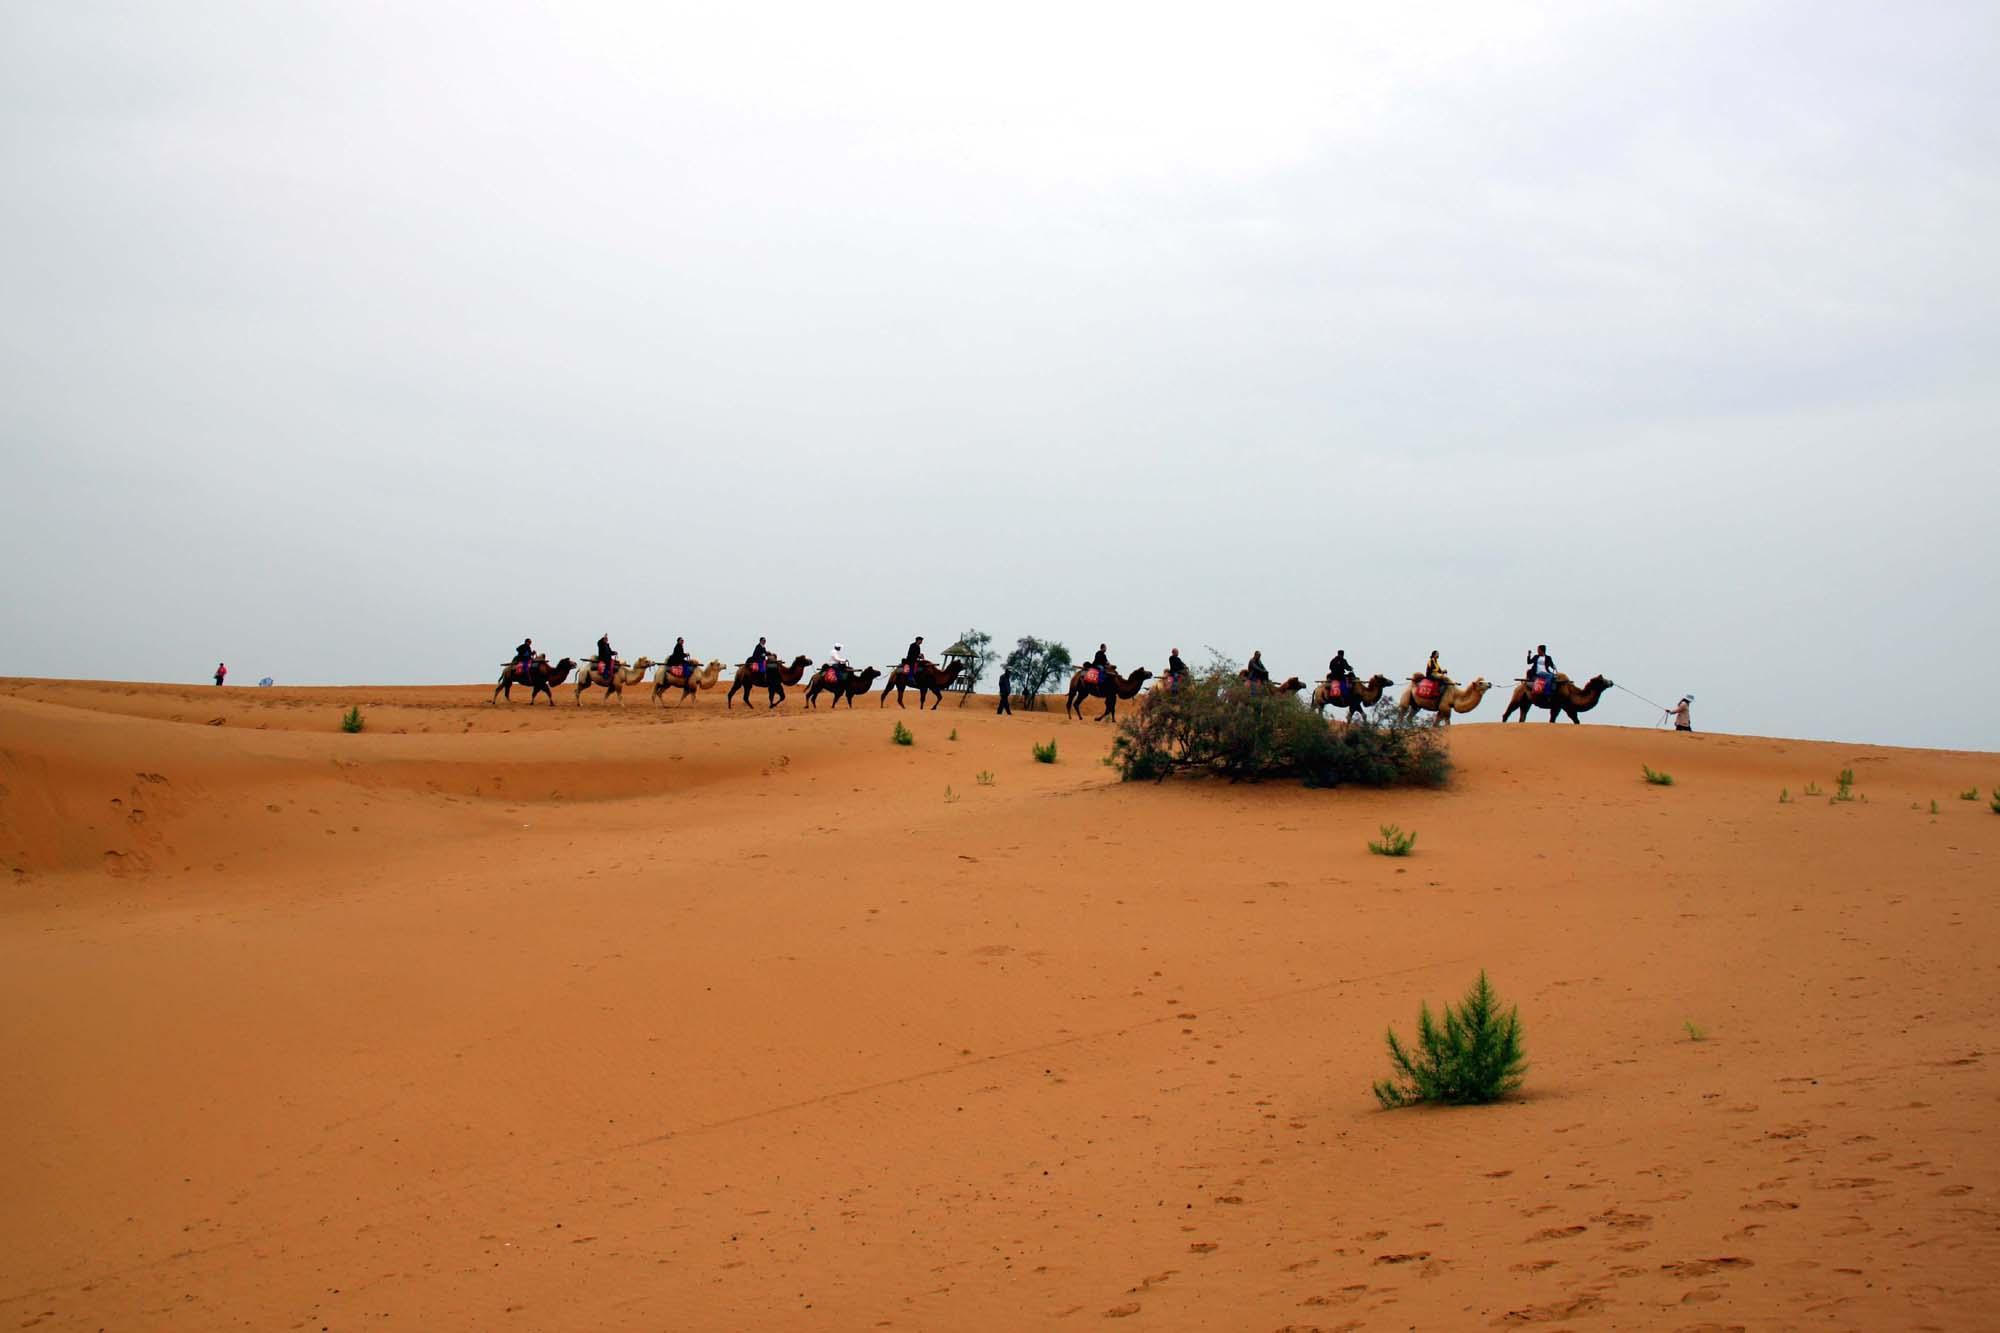 宁夏秋深沙与水的和谐典范沙坡头 都说游宁夏主要就是看两次沙。沙湖俺们昨天就看过了,今天俺们看第二沙沙坡头。其实俺很早就听说过沙坡头了,因为这个地名经常出现在各种科普文章和视频中。沙坡头的遐迩闻名是与世界上第一条全年全天候通车的沙漠铁路包兰铁路紧密相联的。 包兰铁路途经沙坡头的腾格里沙漠南缘,腾格里沙漠是中国第四大沙漠。为了确保铁路在通过沙漠时安全顺畅,中国人从铁路一开通起就致力于与沙漠的抗争。这种抗争几乎没有任何胜算,但奇迹出现了,肆虐的沙漠被牢牢地锁住了,不管你信不信,这才是真的奇迹喔!